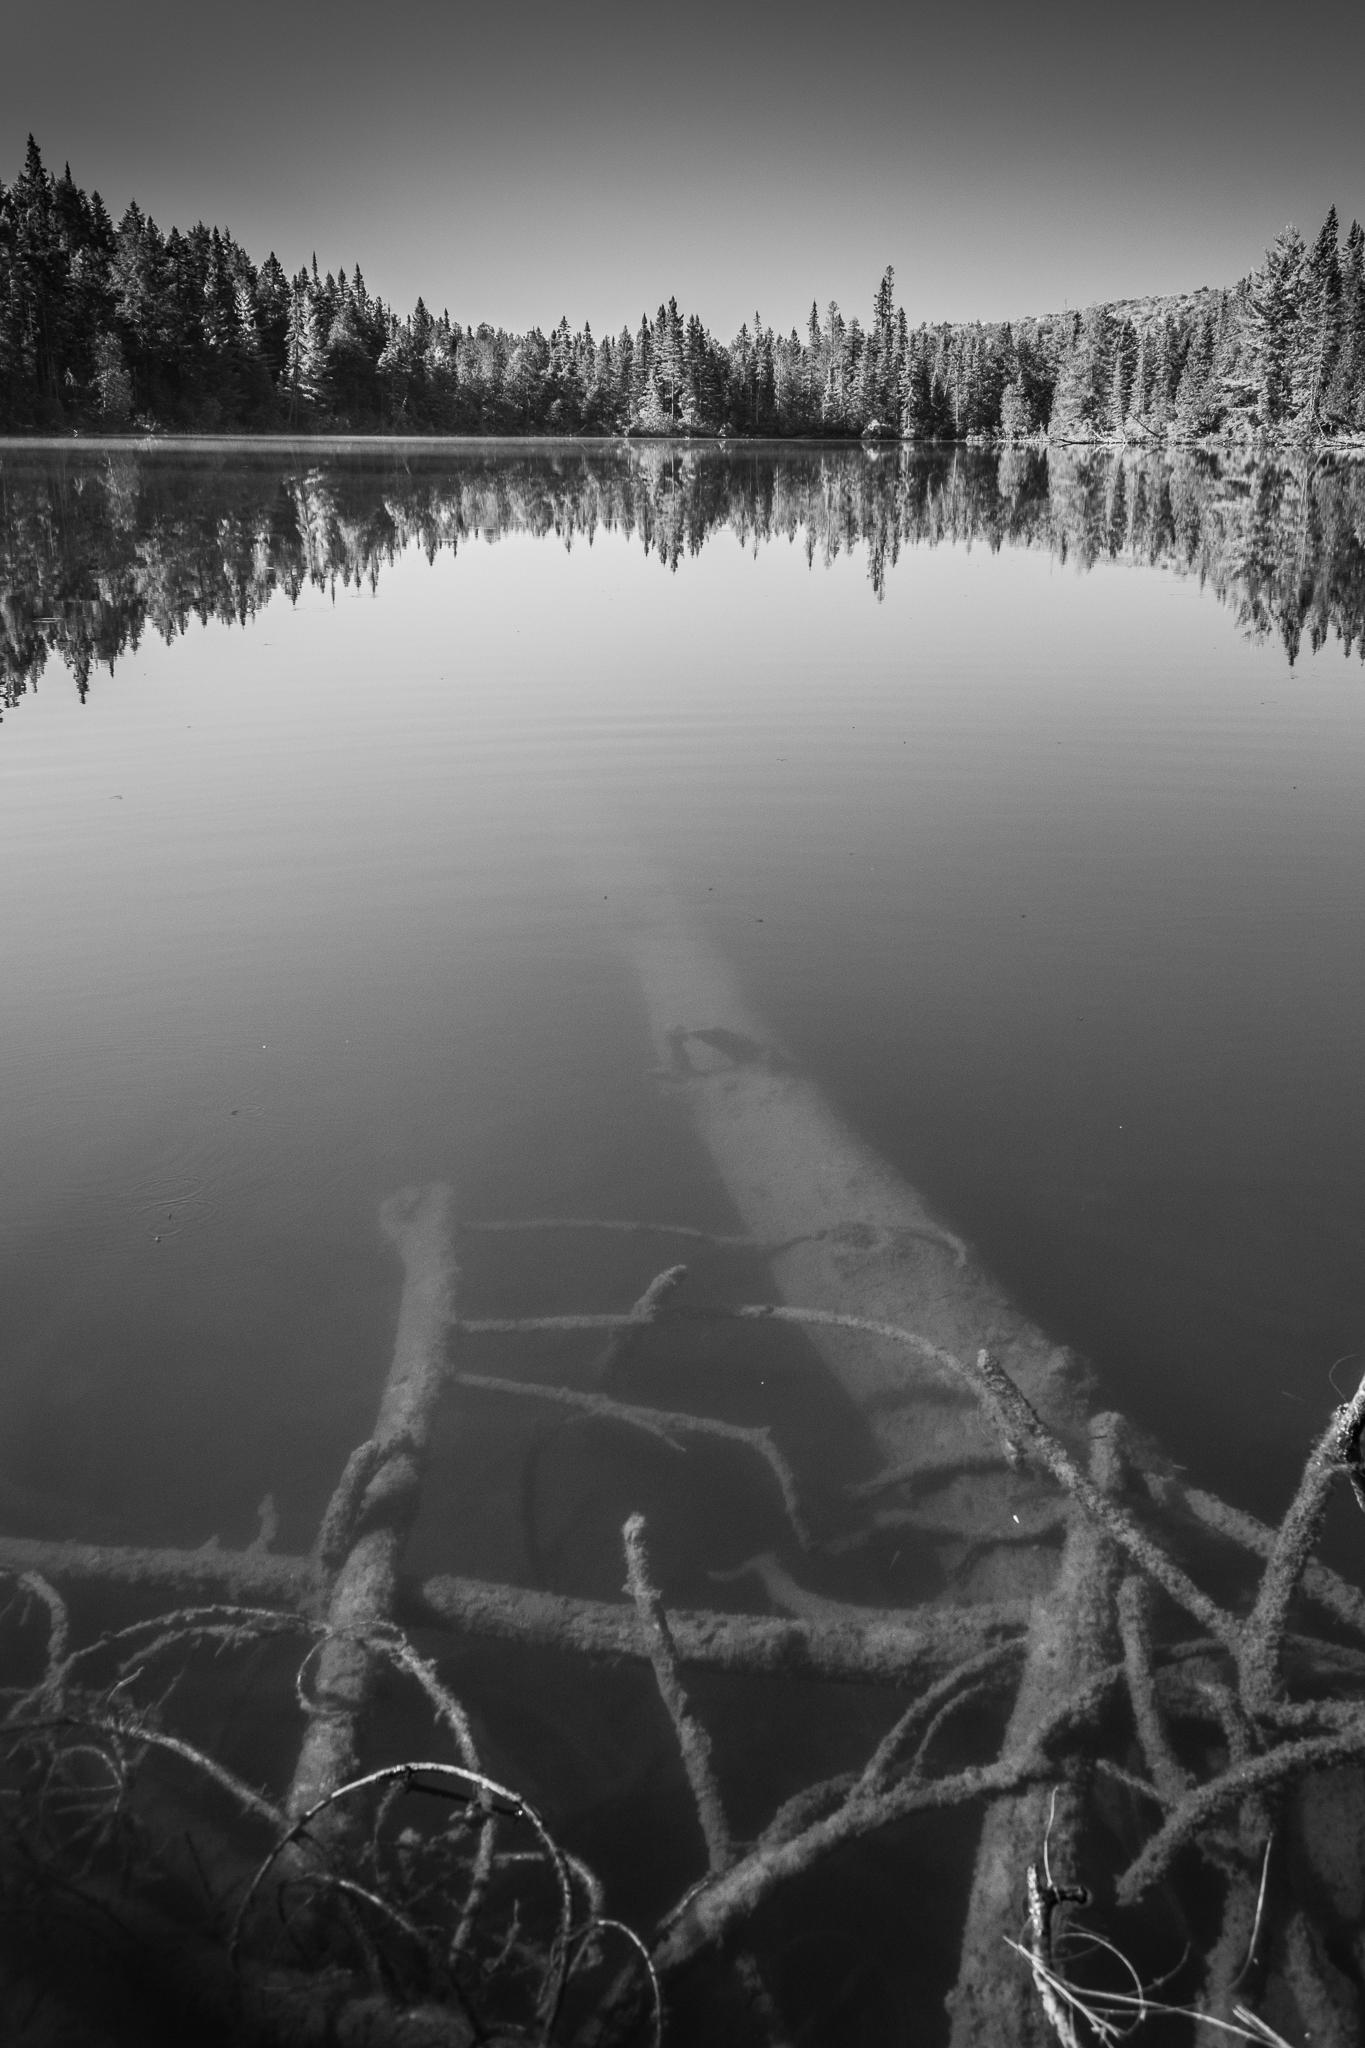 Rosepond Lake (1/80s, f/9, ISO400)